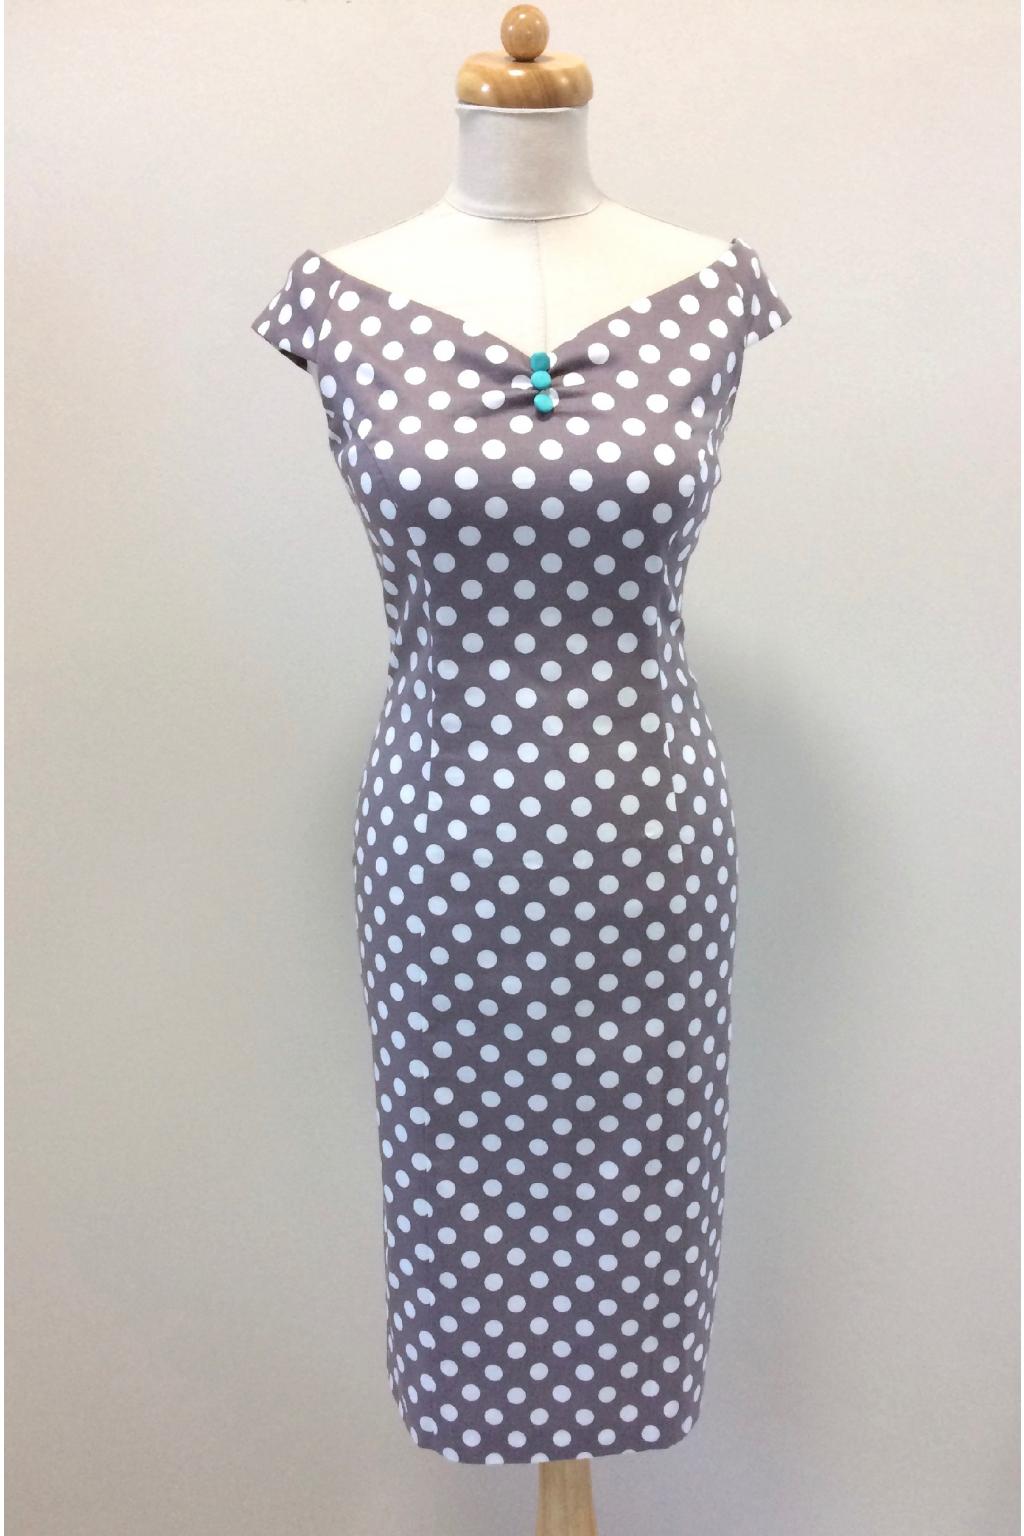 ... HS 161010 2191 · Pouzdrové šaty s puntíky ... 370ea20a22